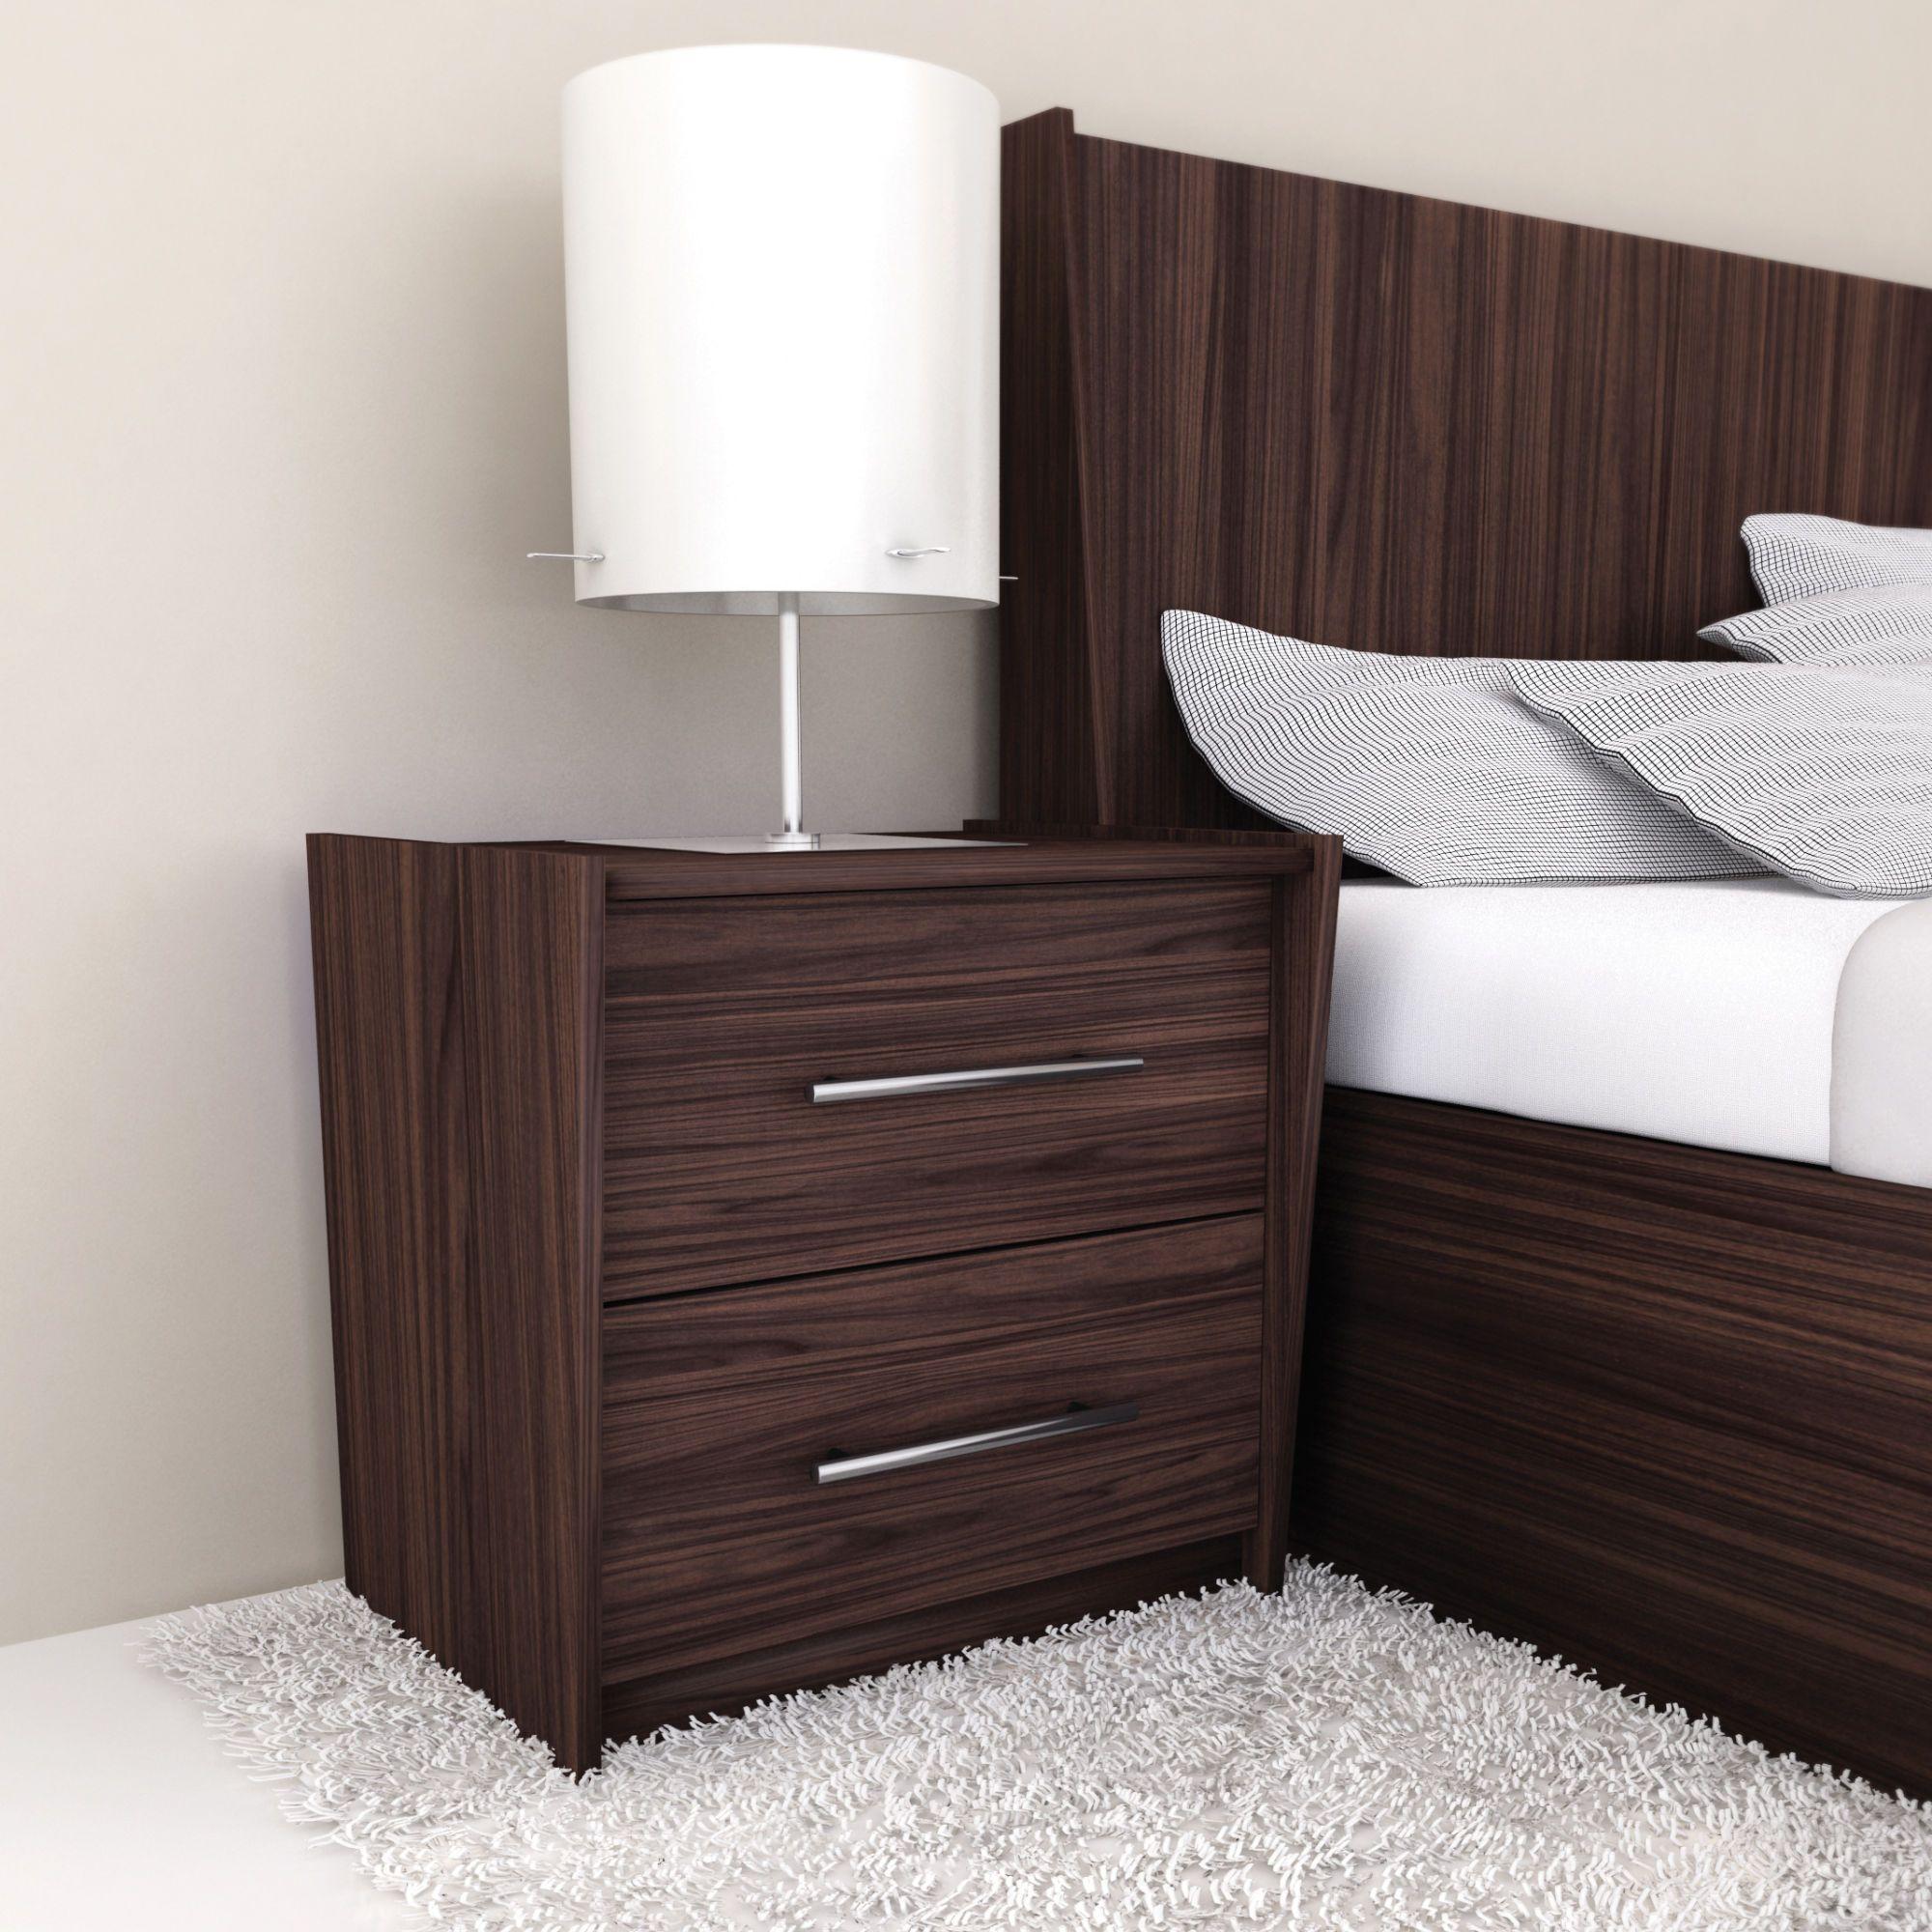 dcor design laurel nightstand in ebony pecan. dcor design laurel nightstand in ebony pecan  wishlist